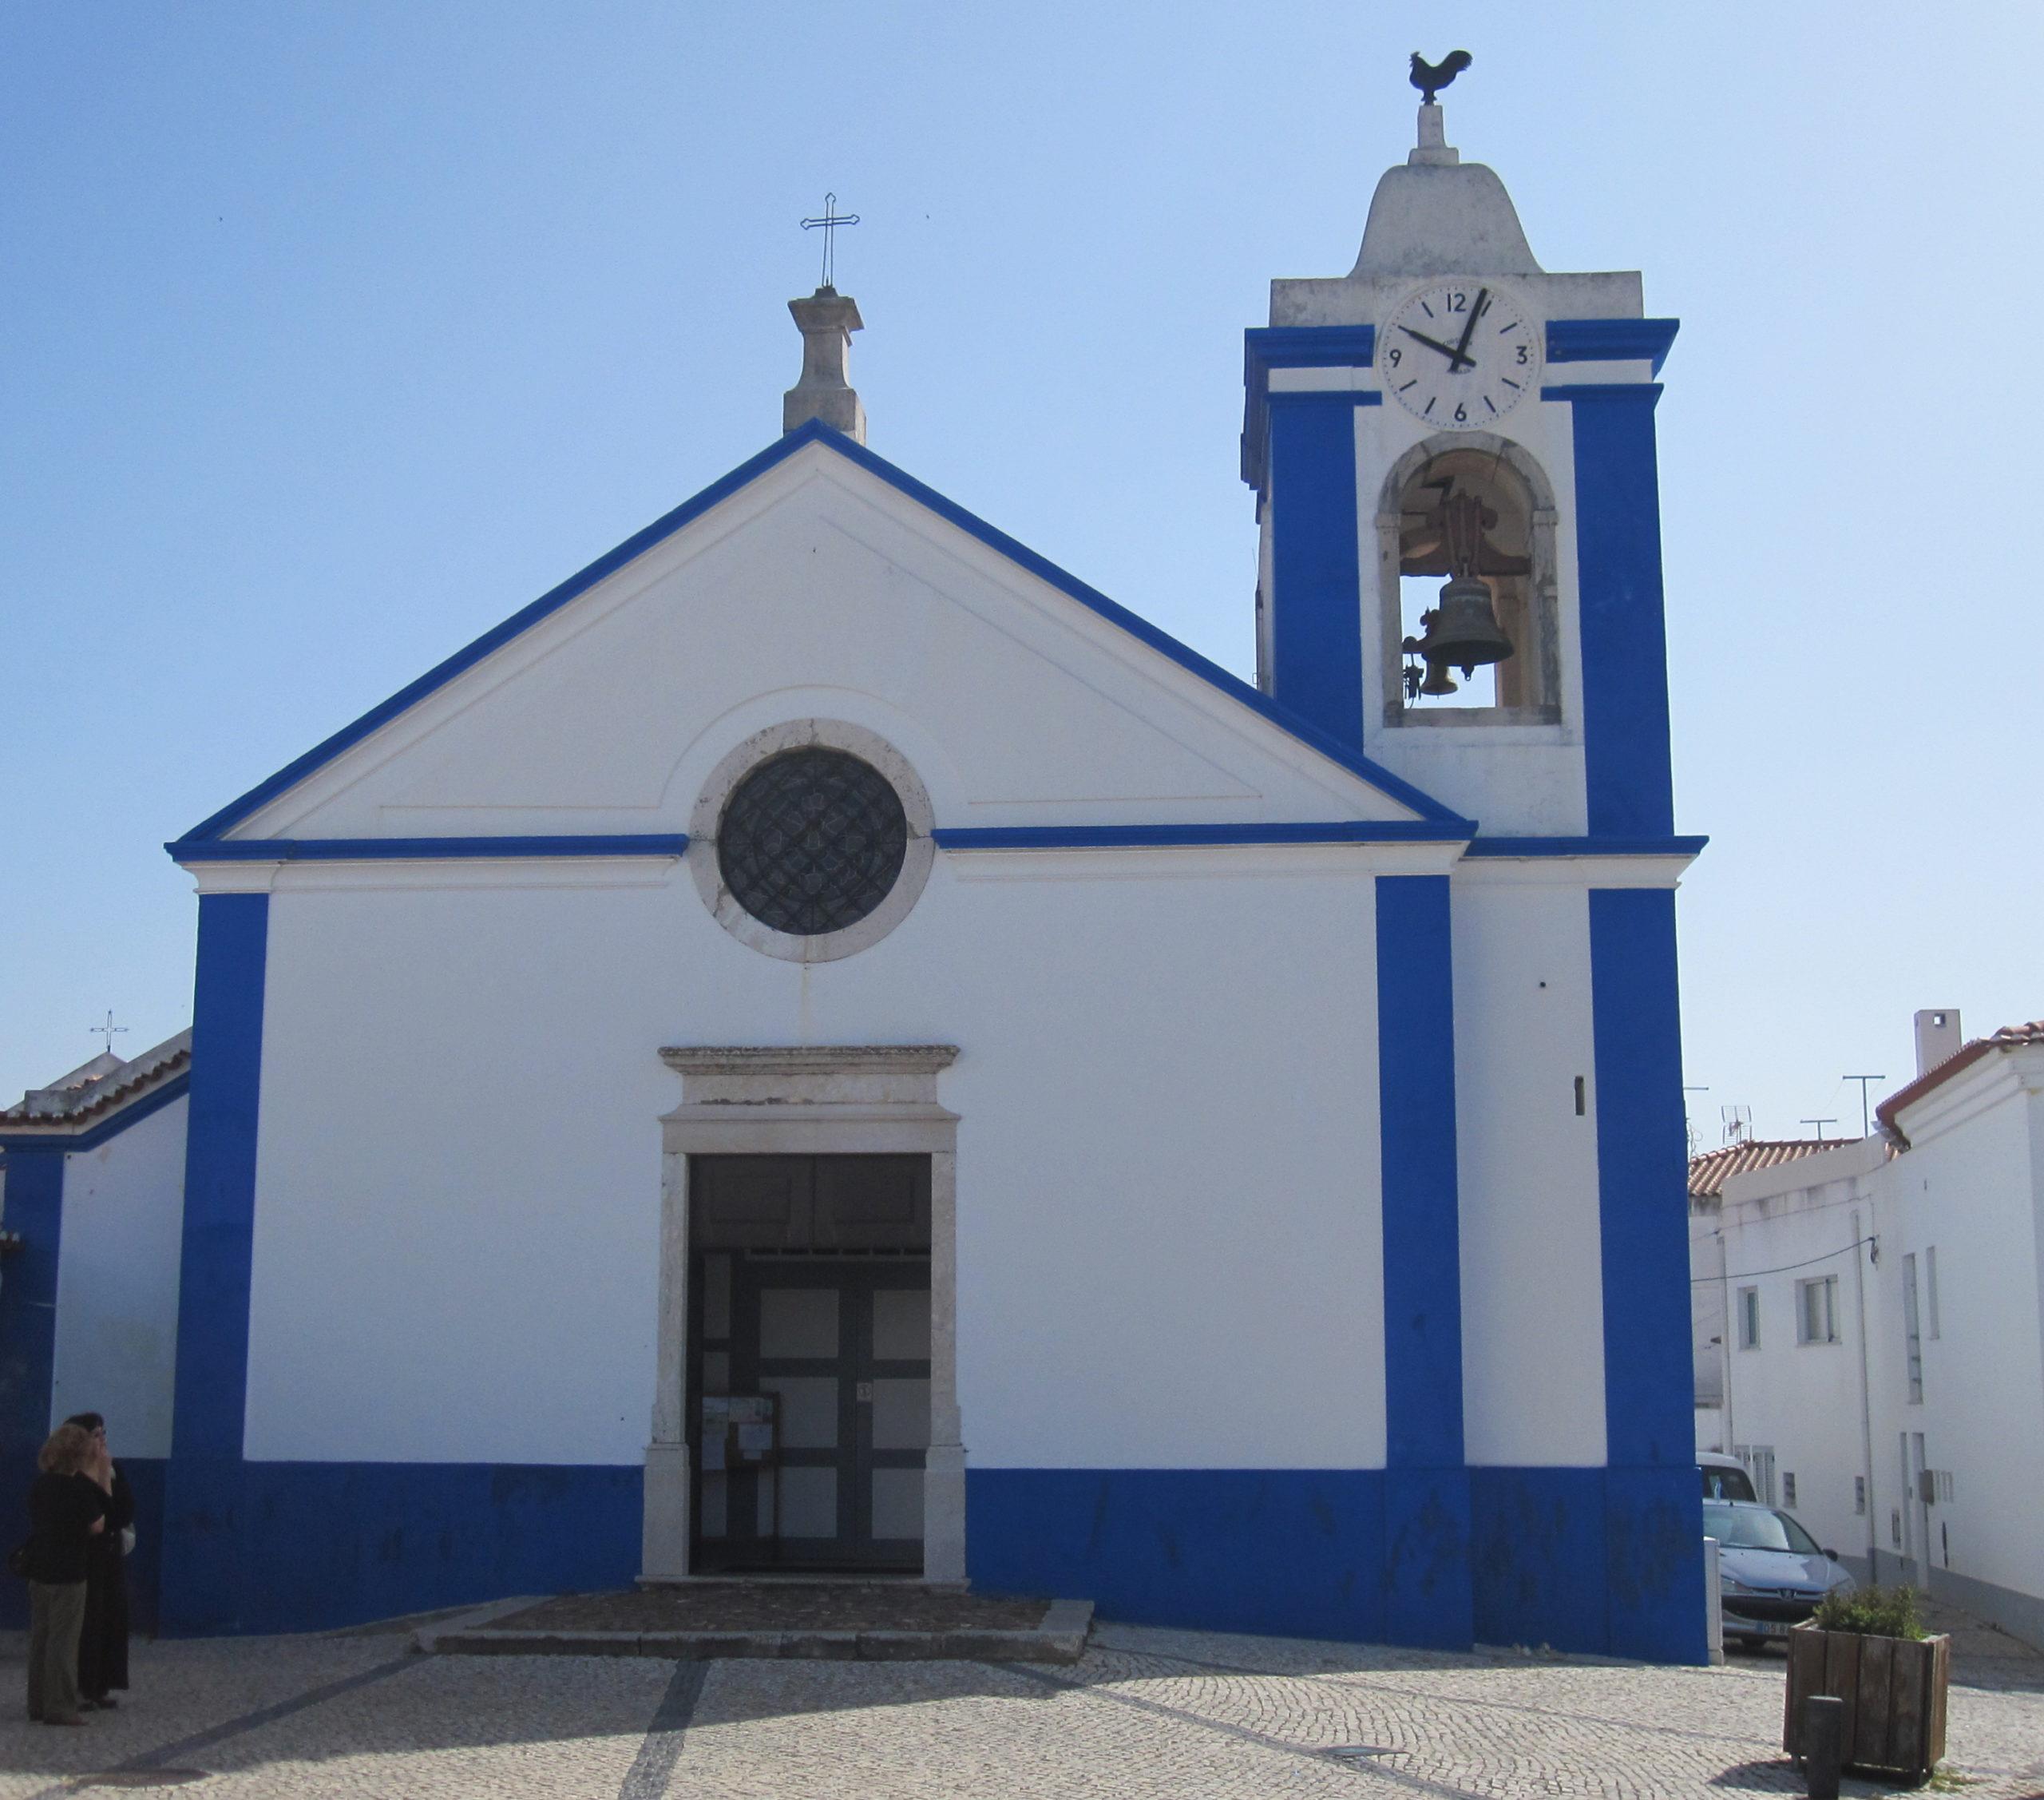 Kostelík v městečku S. Teotónio